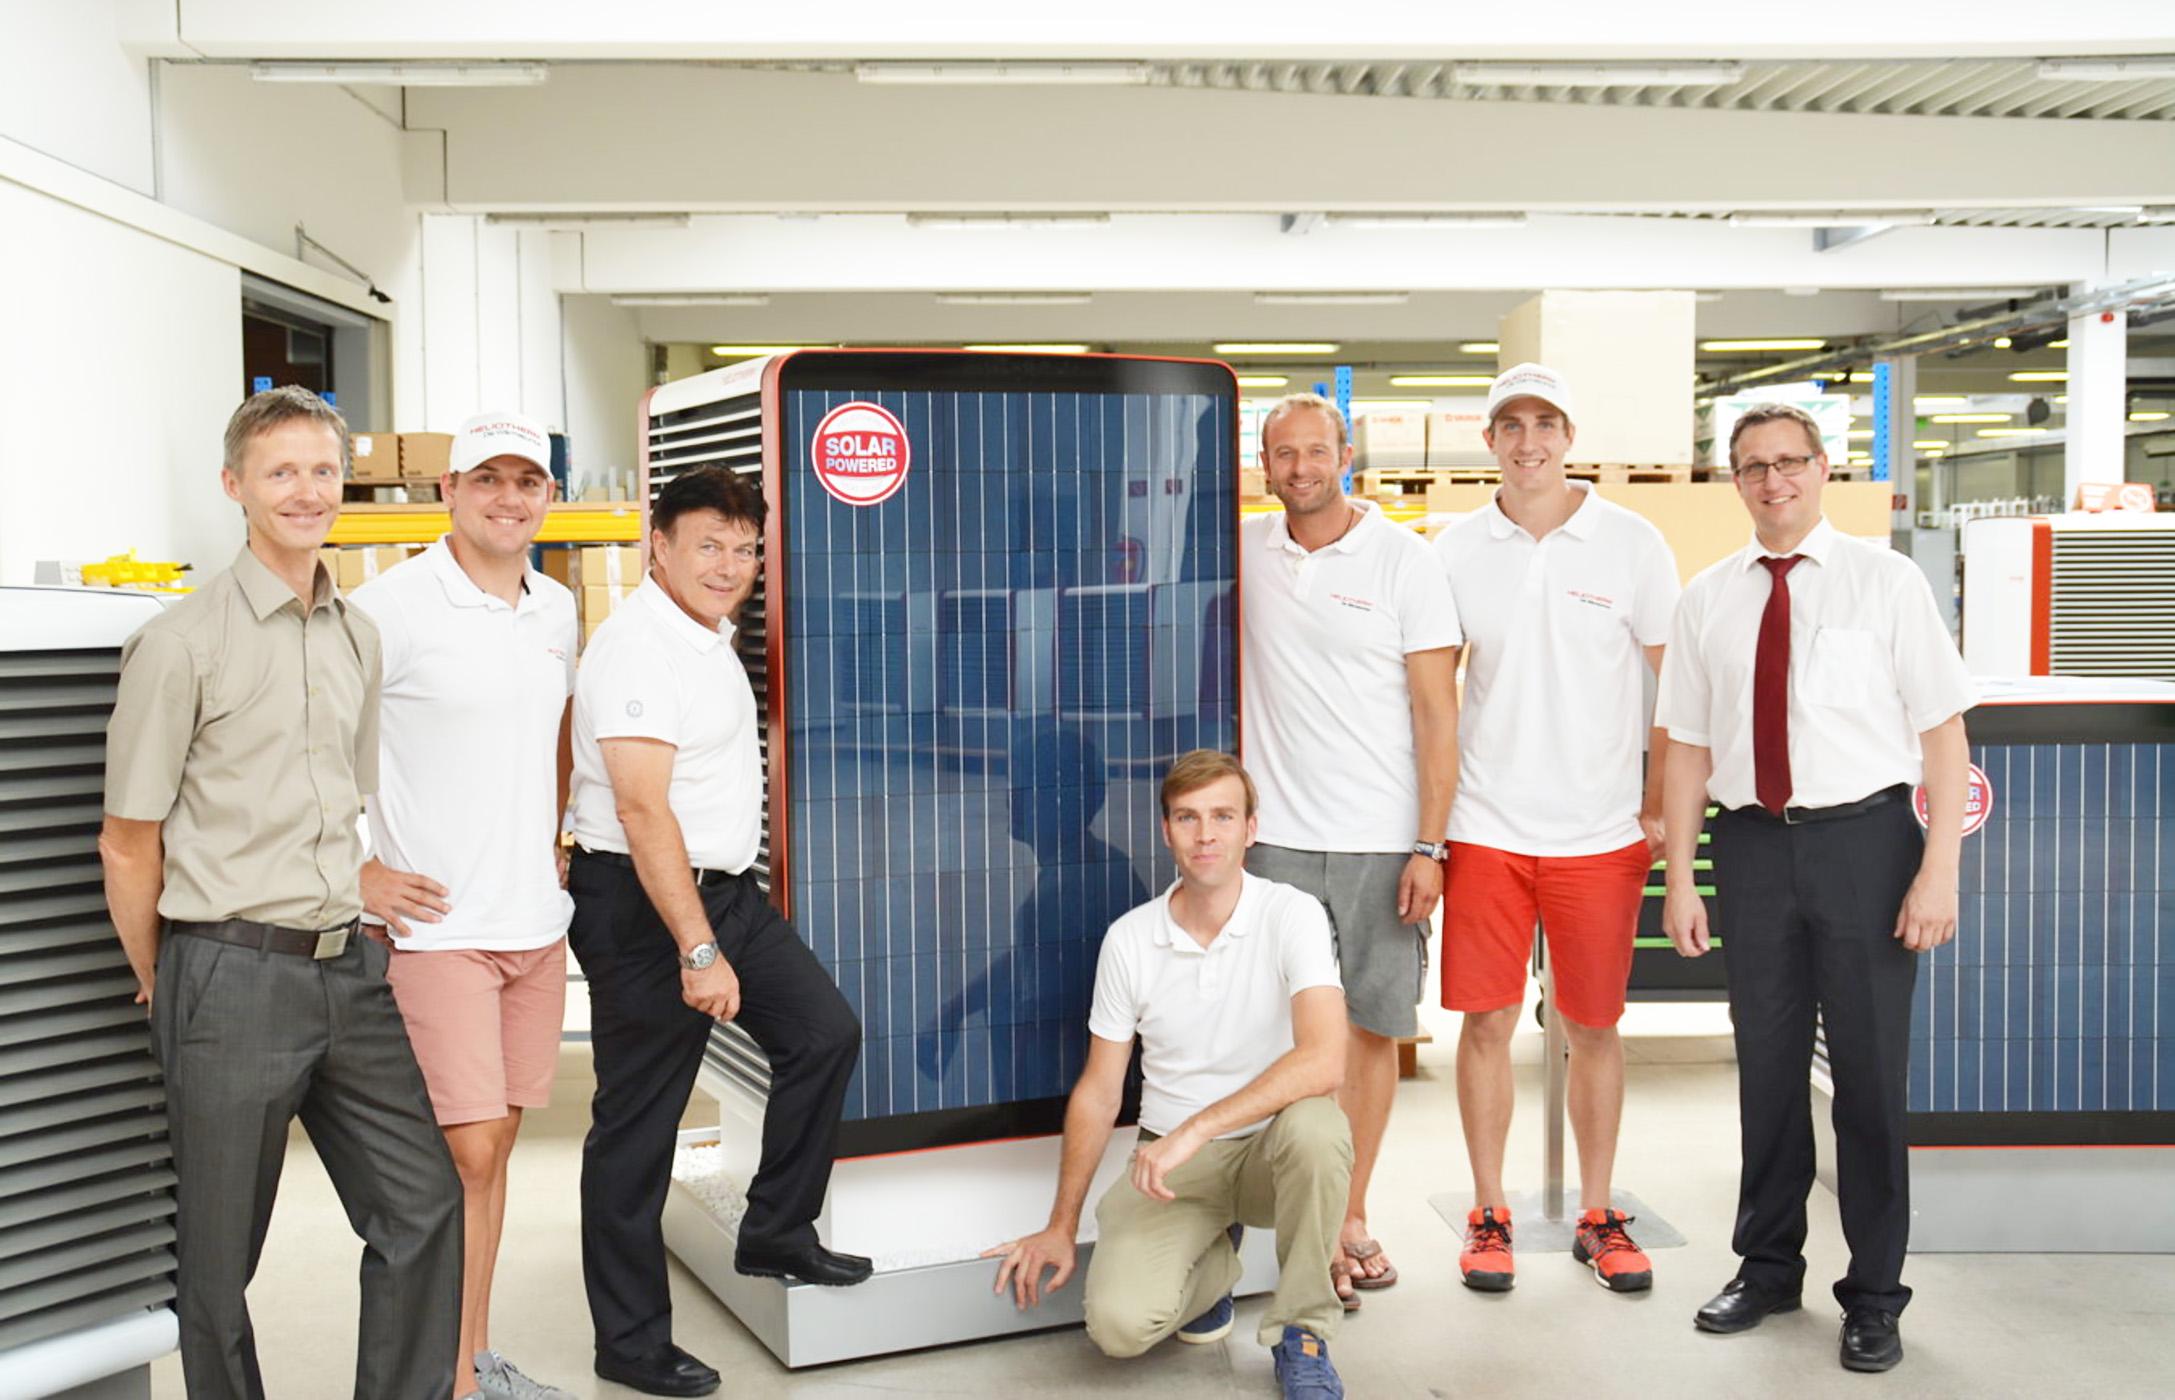 Первый в мире Тепловой Насос Воздух-Вода со встроенными солнечными панелями. Производство Heliotherm (Австрия).